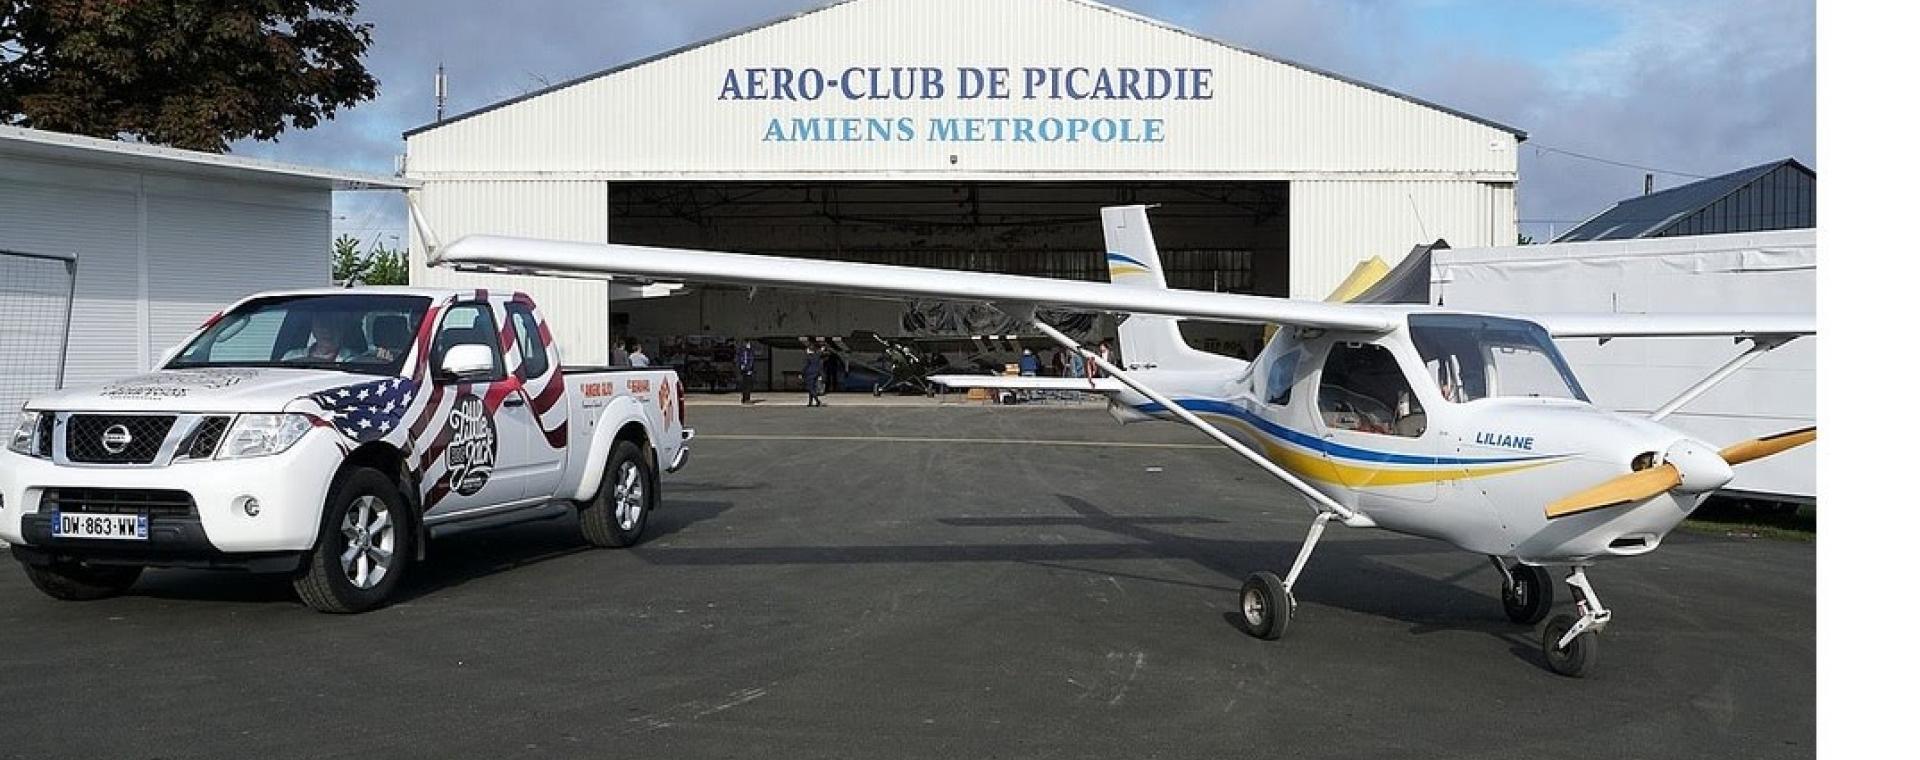 Photo du hangar de l'aéroclub de Picardie à Glisy. Un avion et une voiture sont stationnés en extérieur.